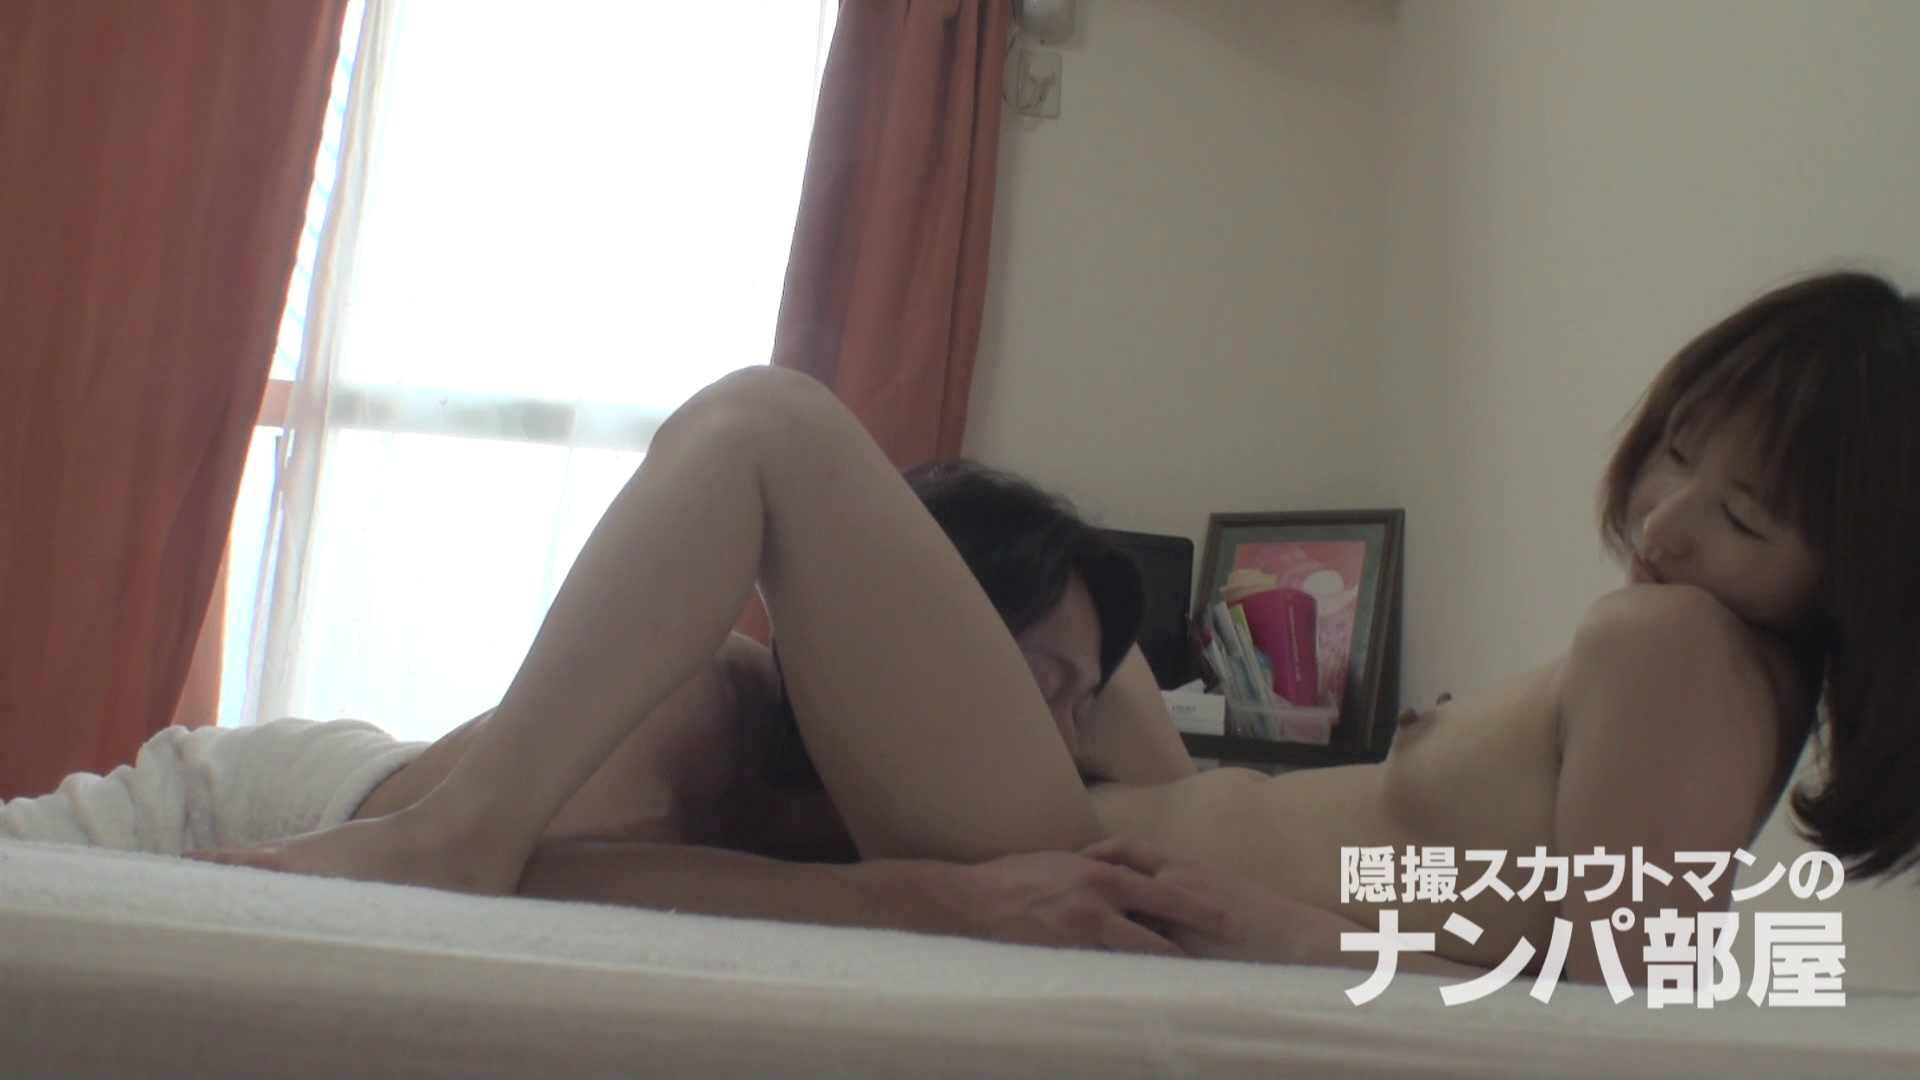 隠撮スカウトマンのナンパ部屋~風俗デビュー前のつまみ食い~ sii 脱衣所 | ナンパ  100連発 88